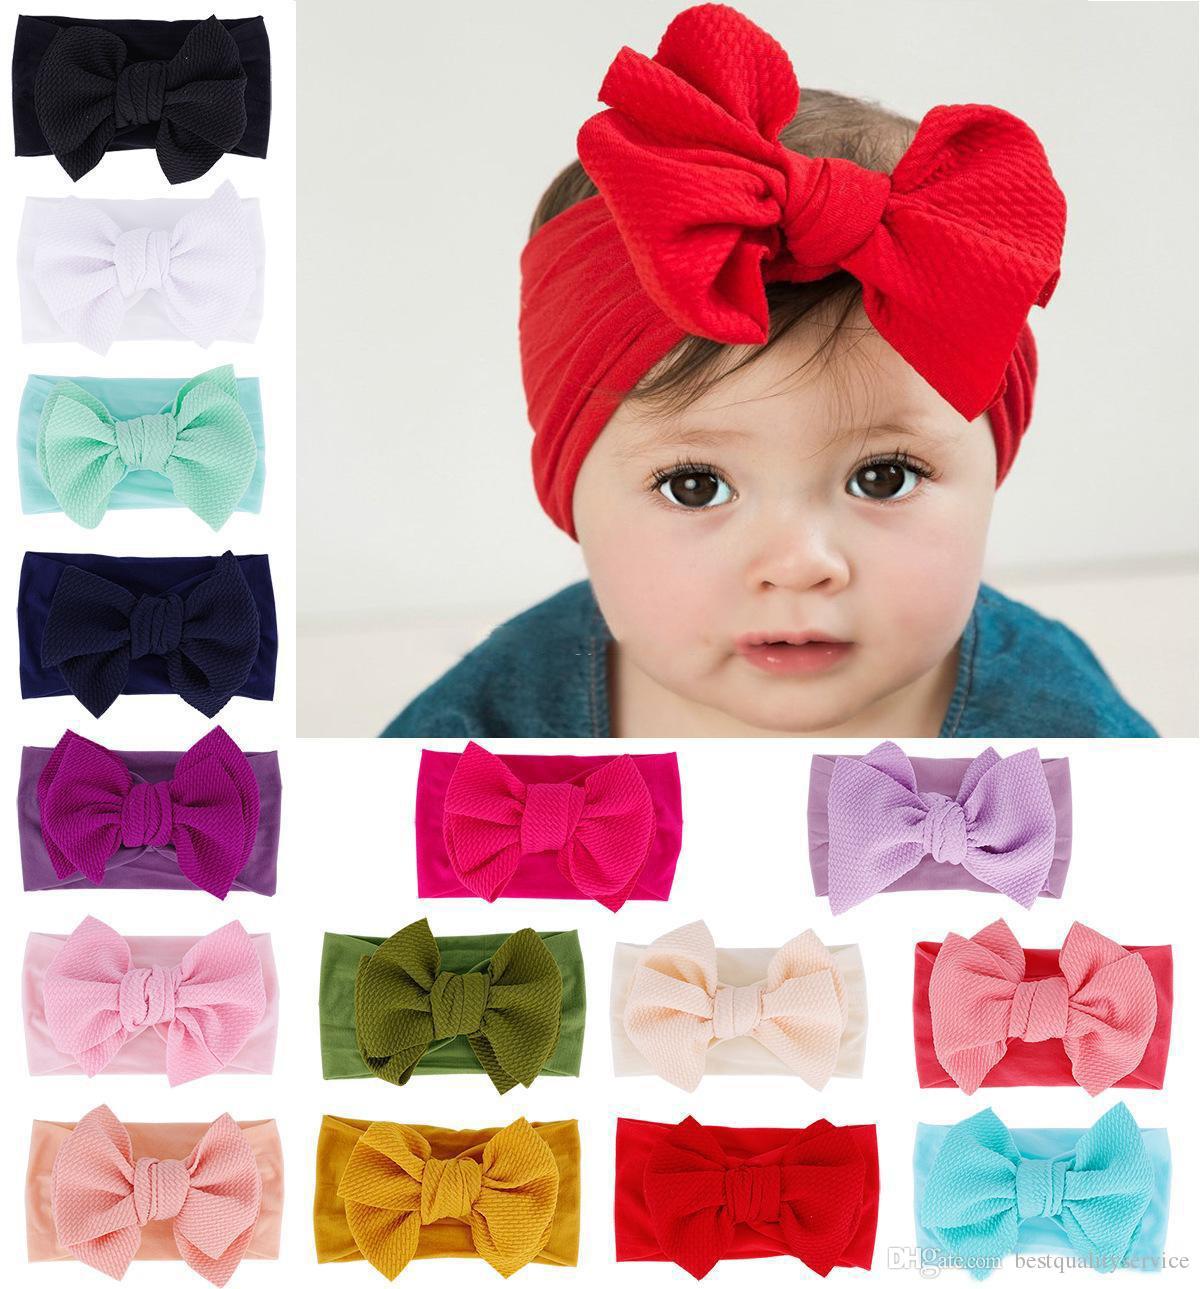 Newborn Girls Kids Soft Floral Turban Head Wraps Knot Princess Big Bow Headbands